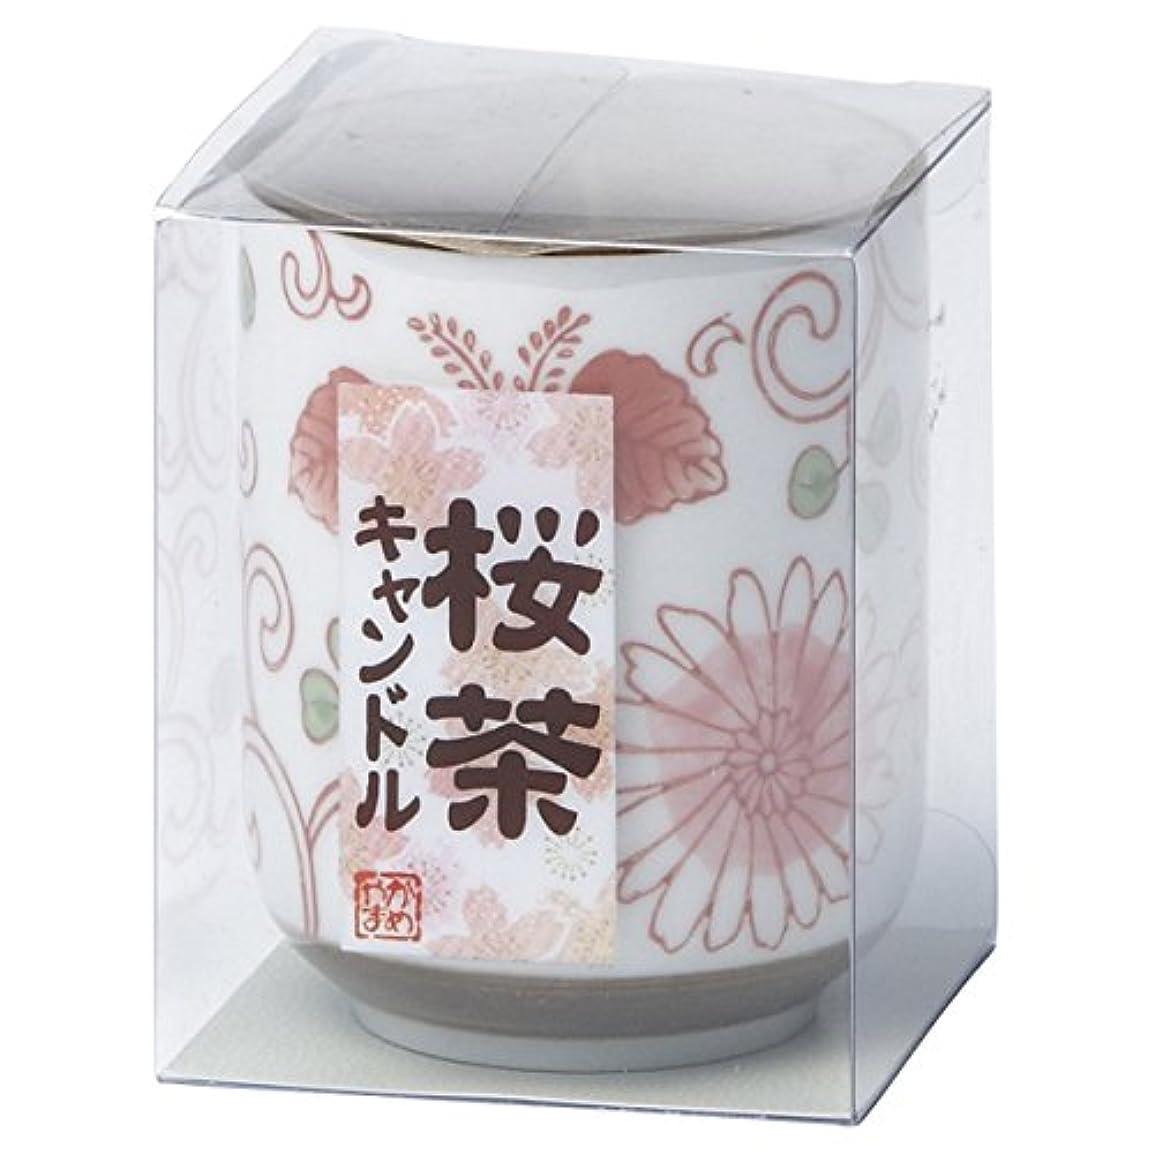 疲れたカレンダー上げる桜茶キャンドル